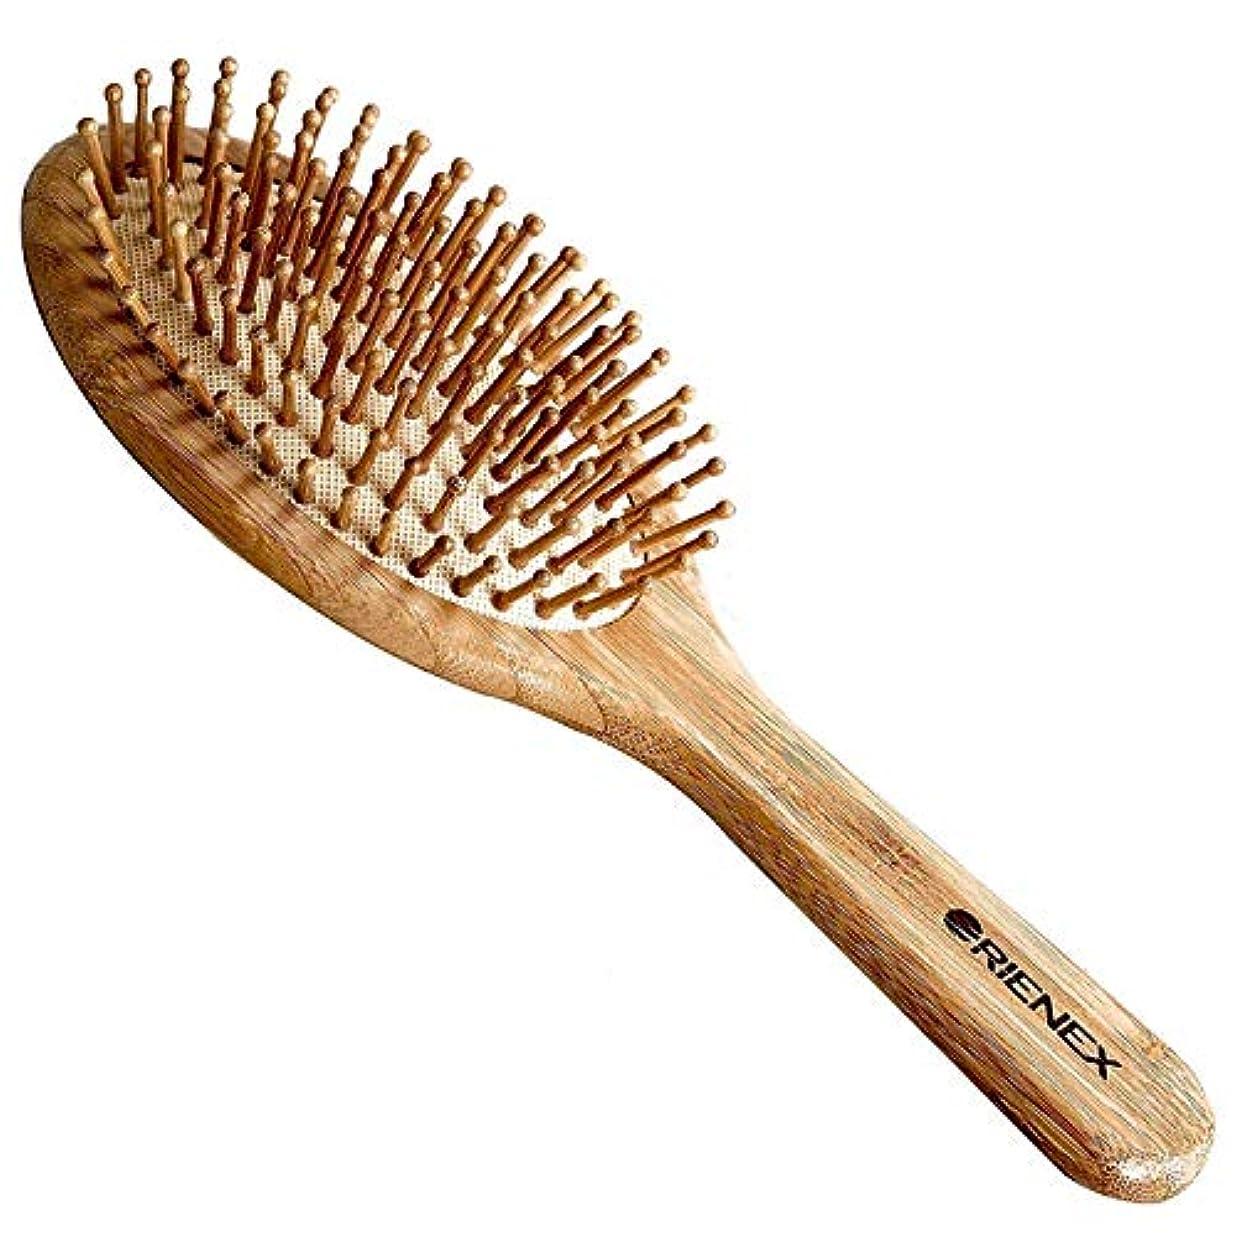 作曲するぼかすうがいOrienex ヘアブラシ ヘアケア 木製 頭皮 マッサージ 艶髪 木製櫛 美髪ケア